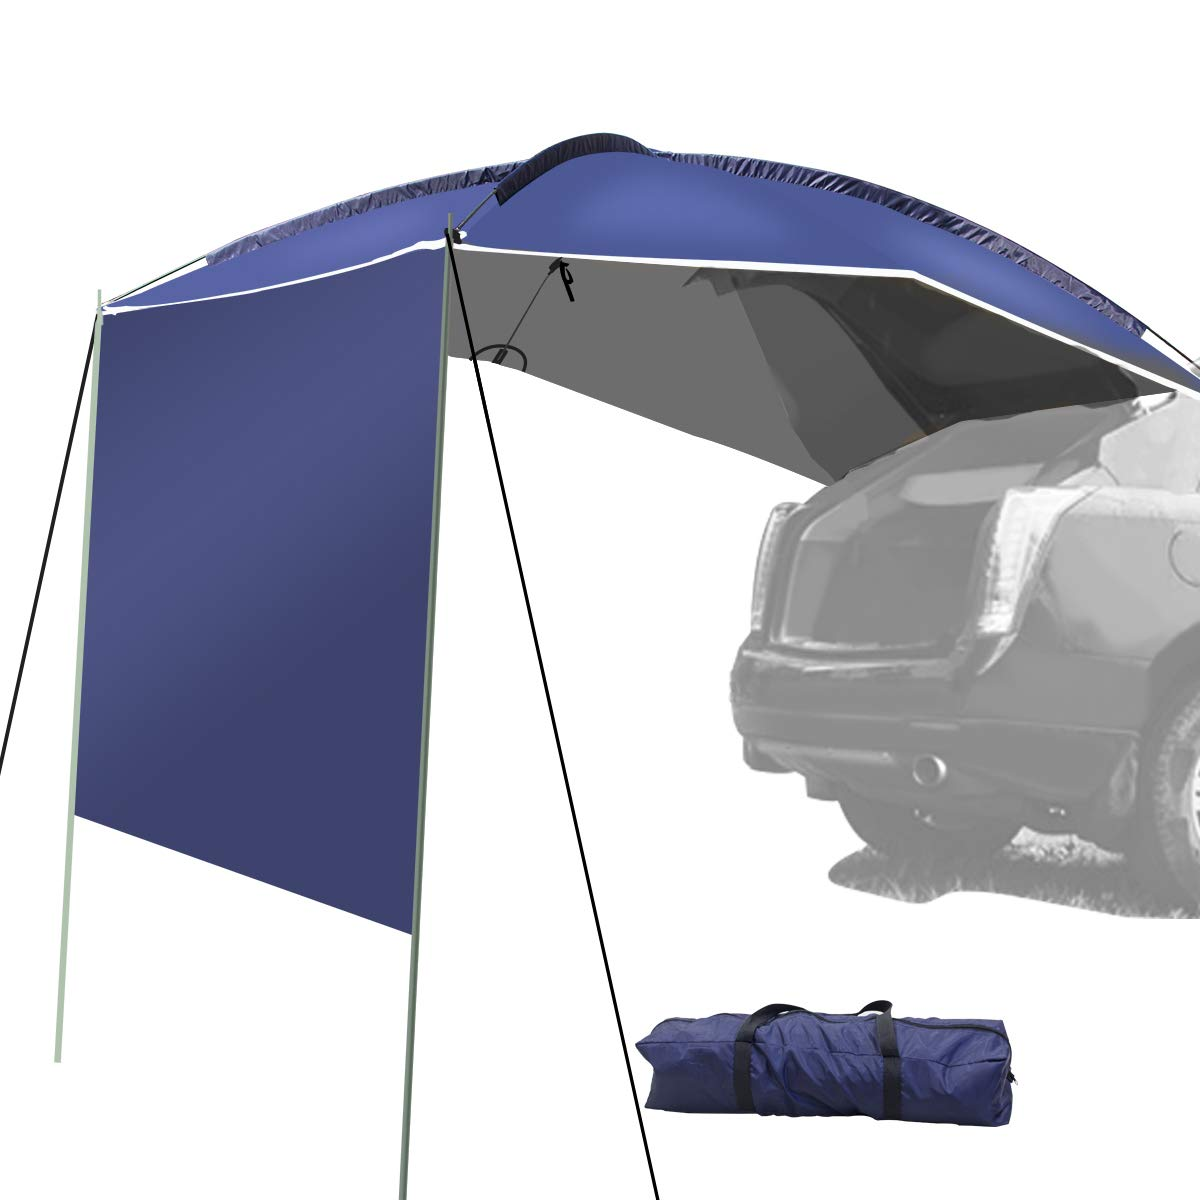 Amazon com : UBOWAY Awning Sun Shelter - Waterproof Auto